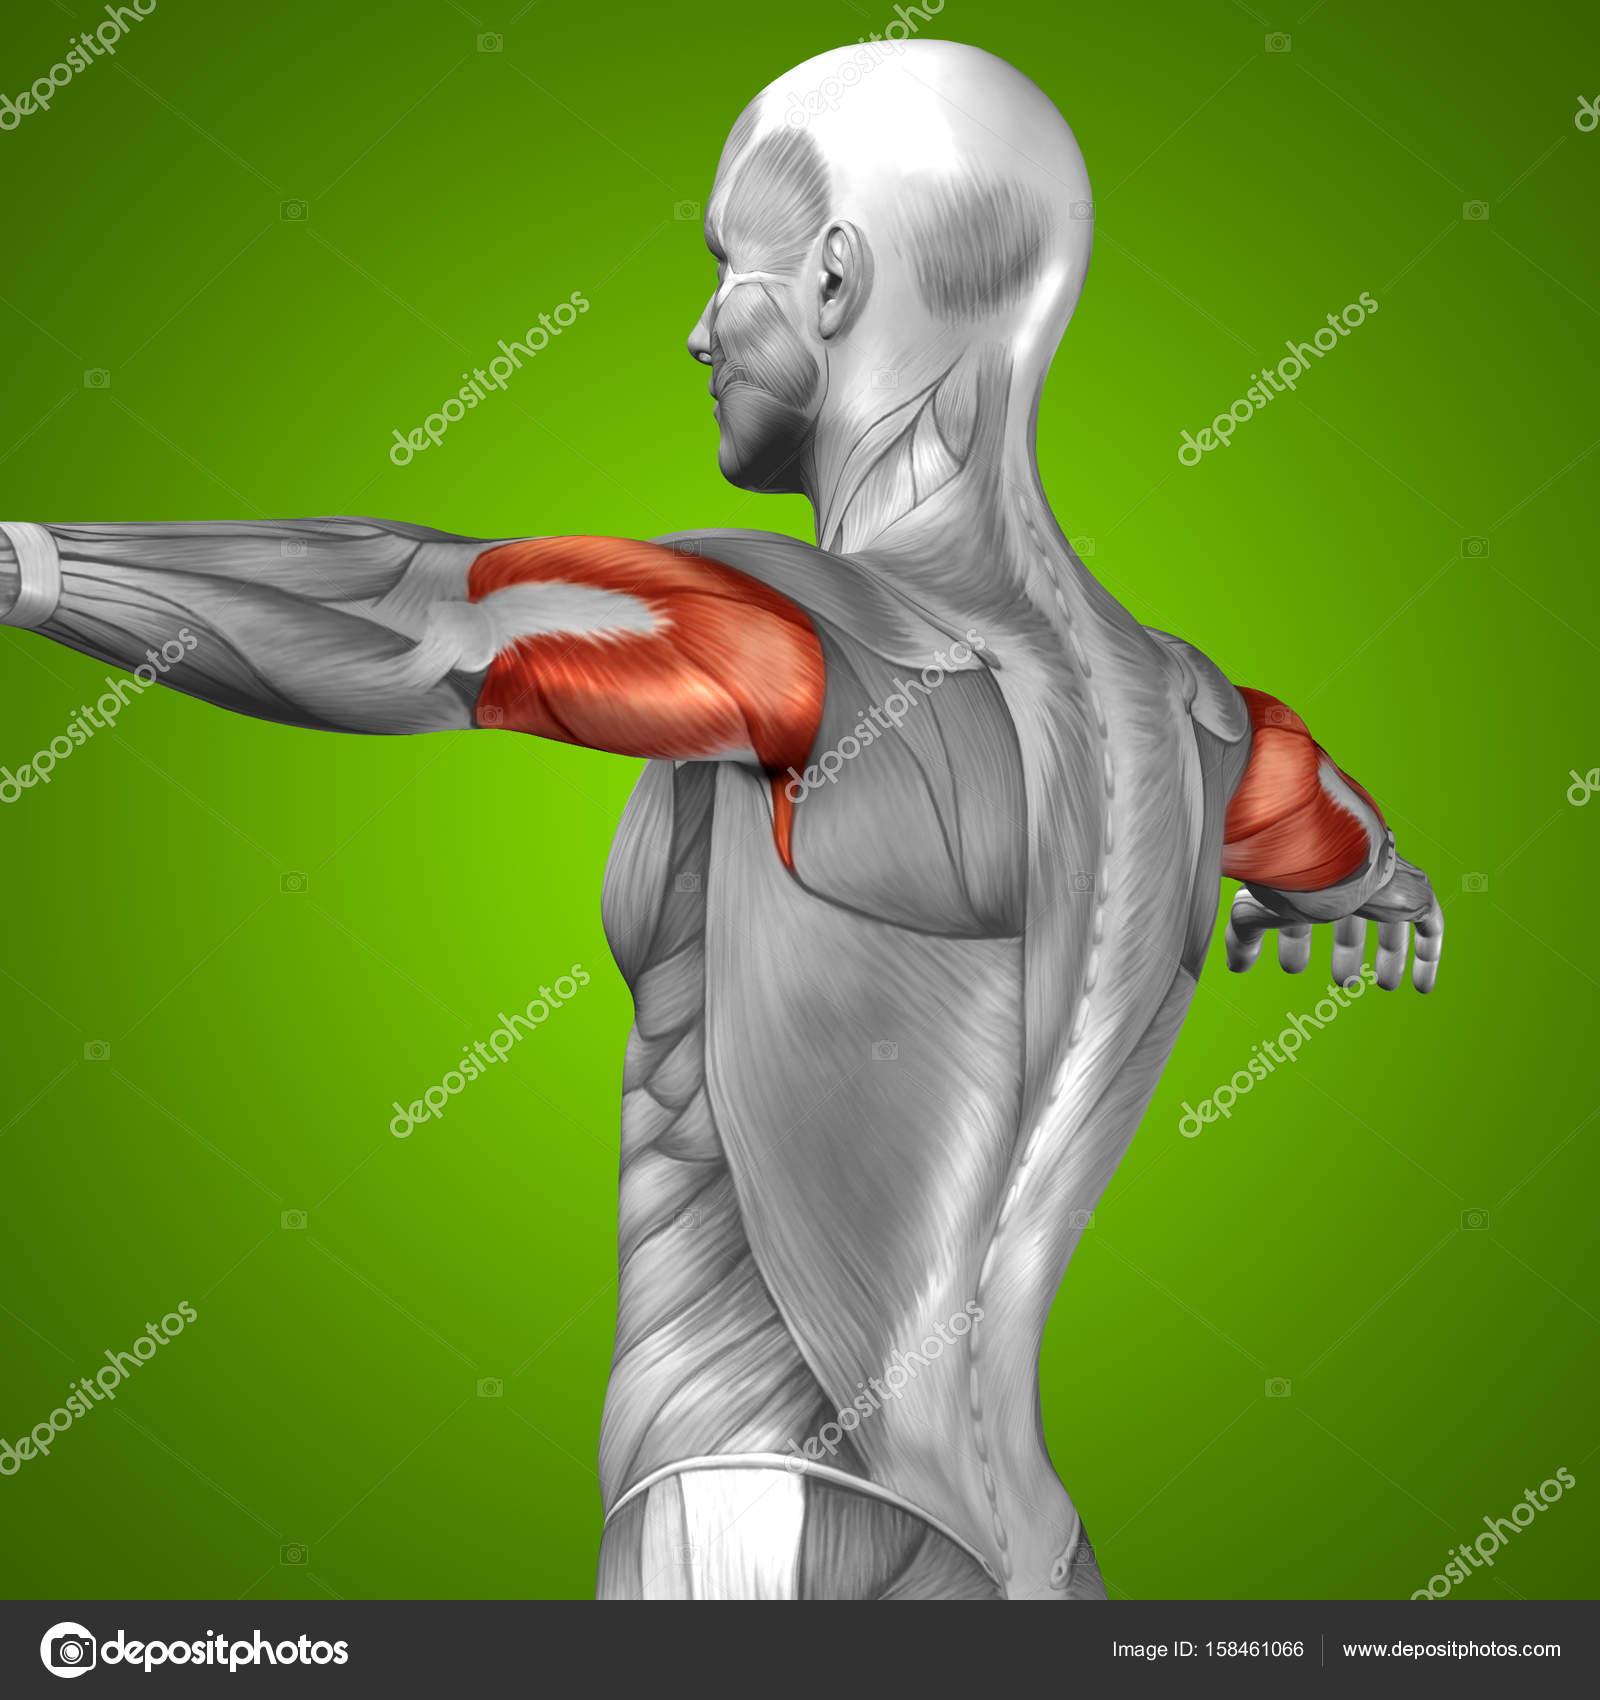 Bauch menschliche Anatomie — Stockfoto © design36 #158461066